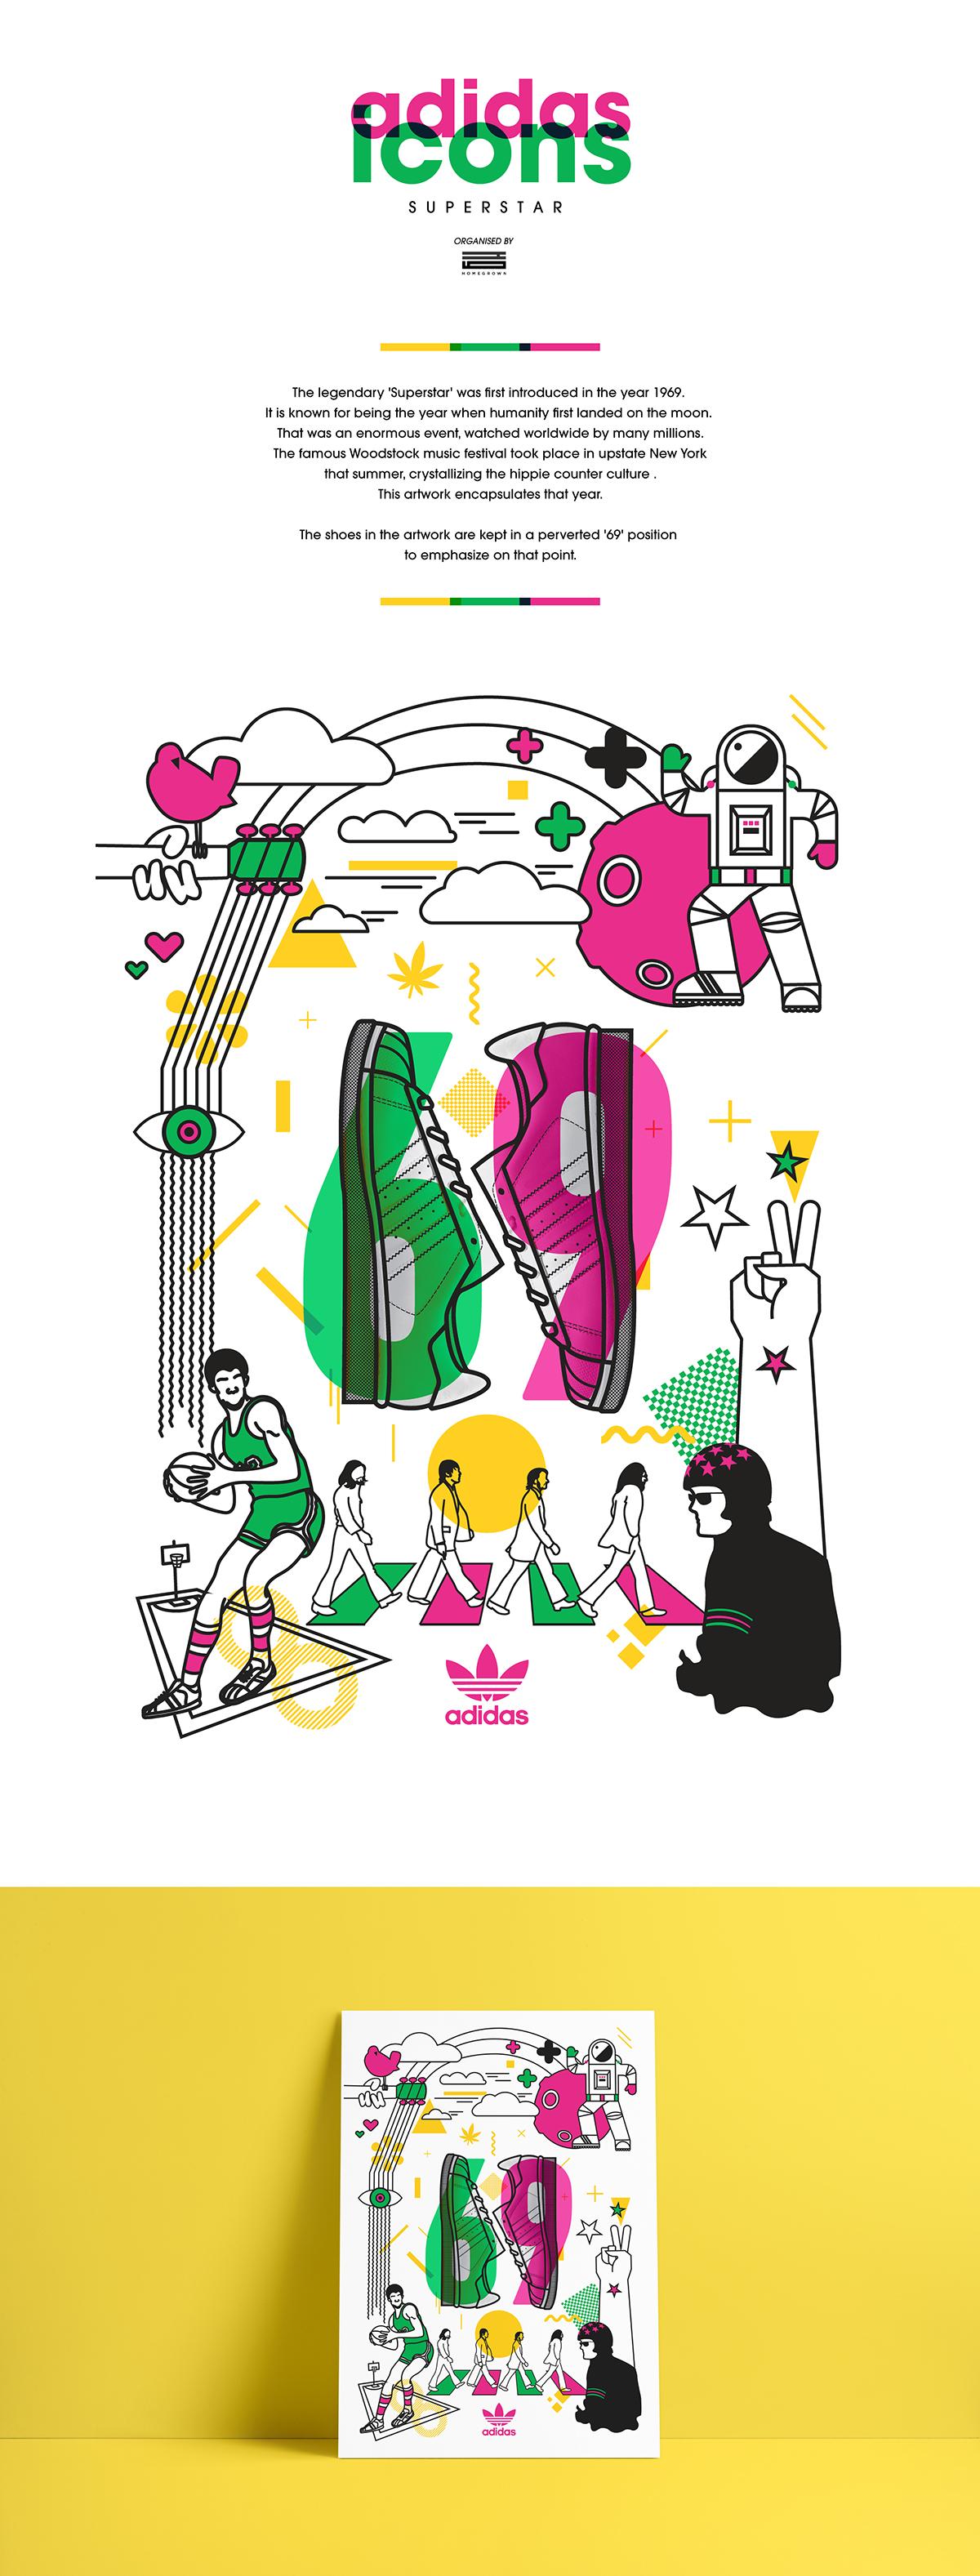 adidas superstar '69' on wacom gallery